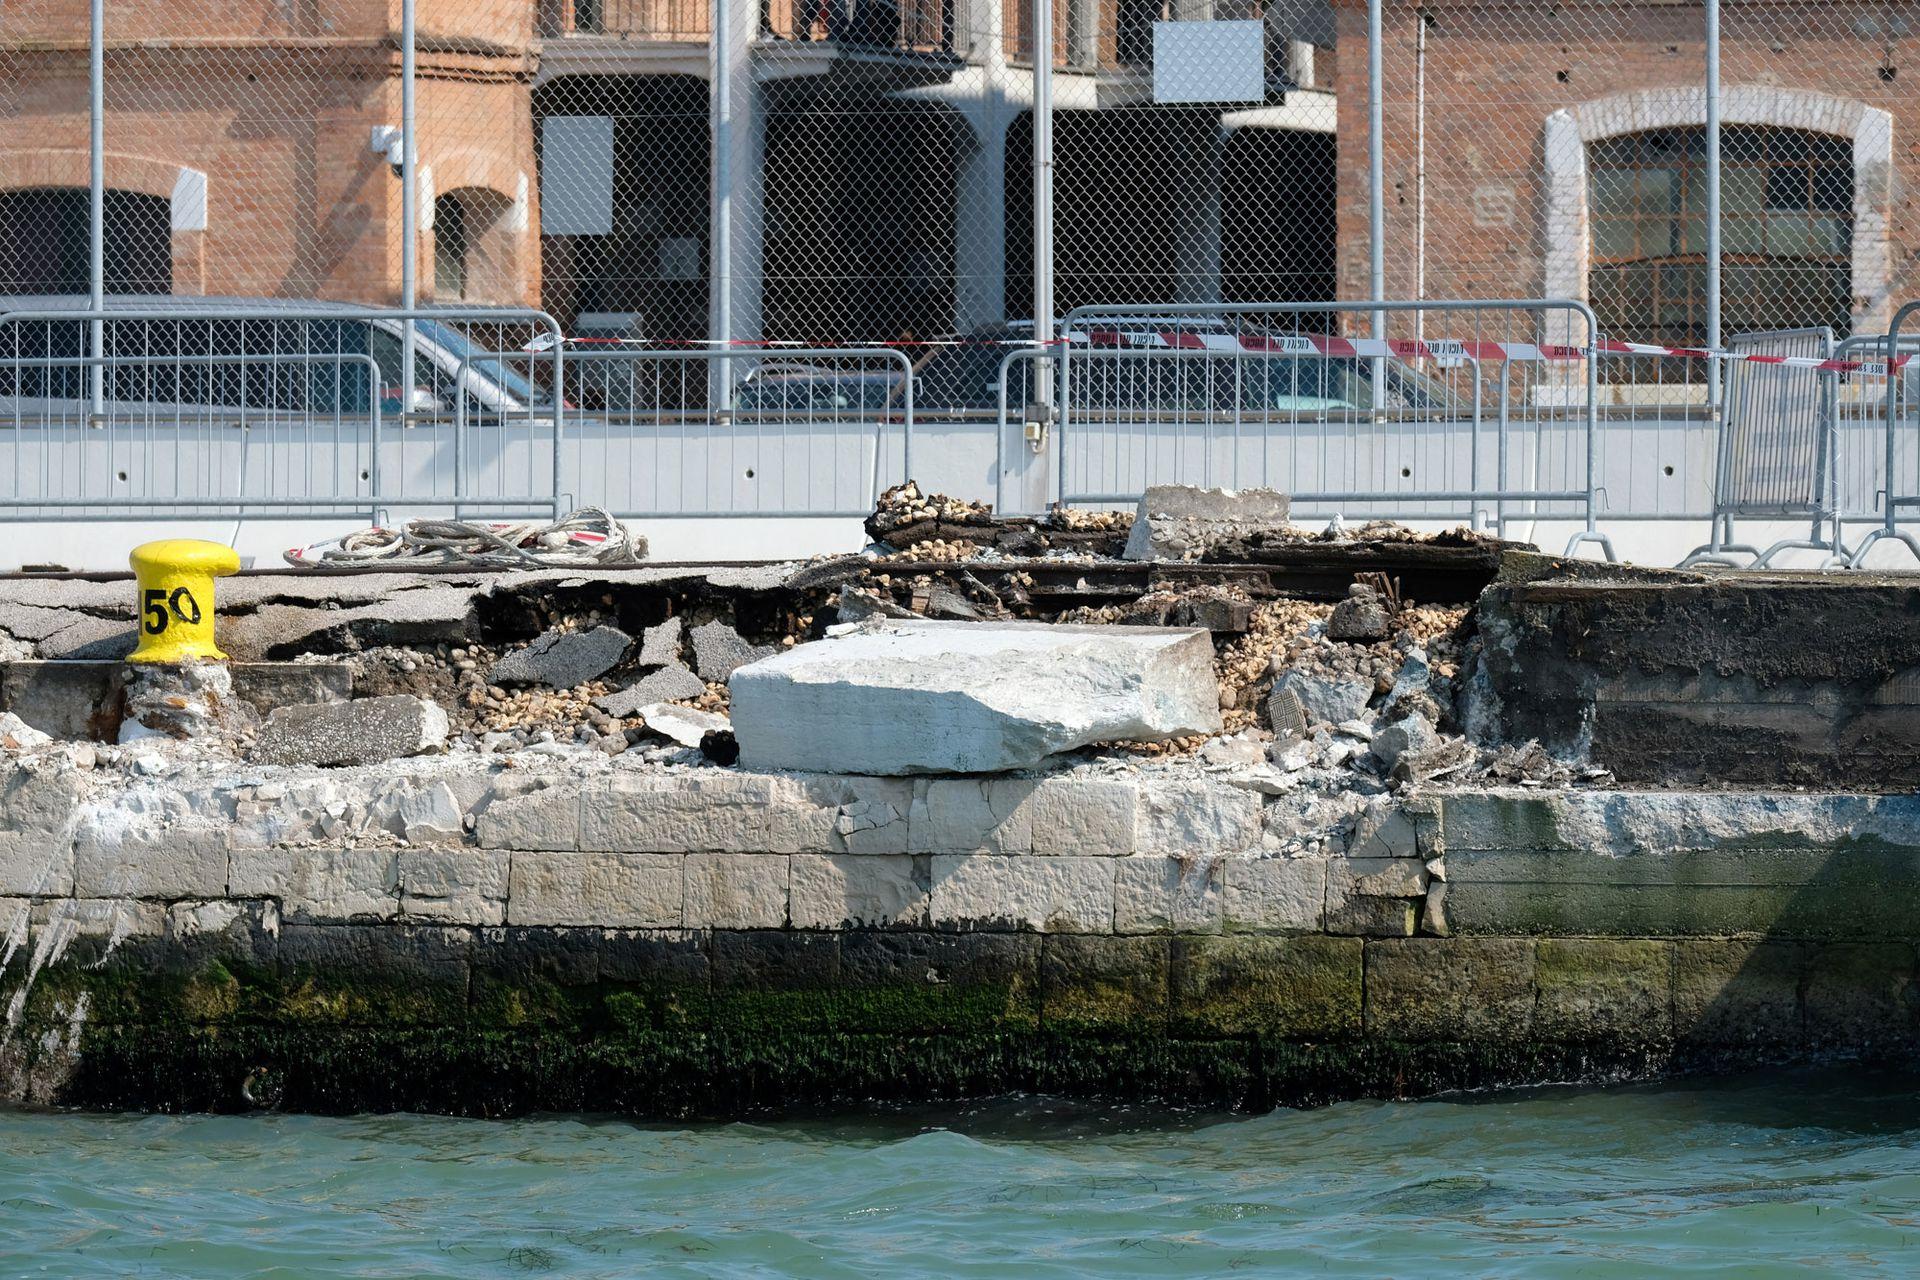 Así quedó el muelle de San Basilio luego de que el barco chocara contra él